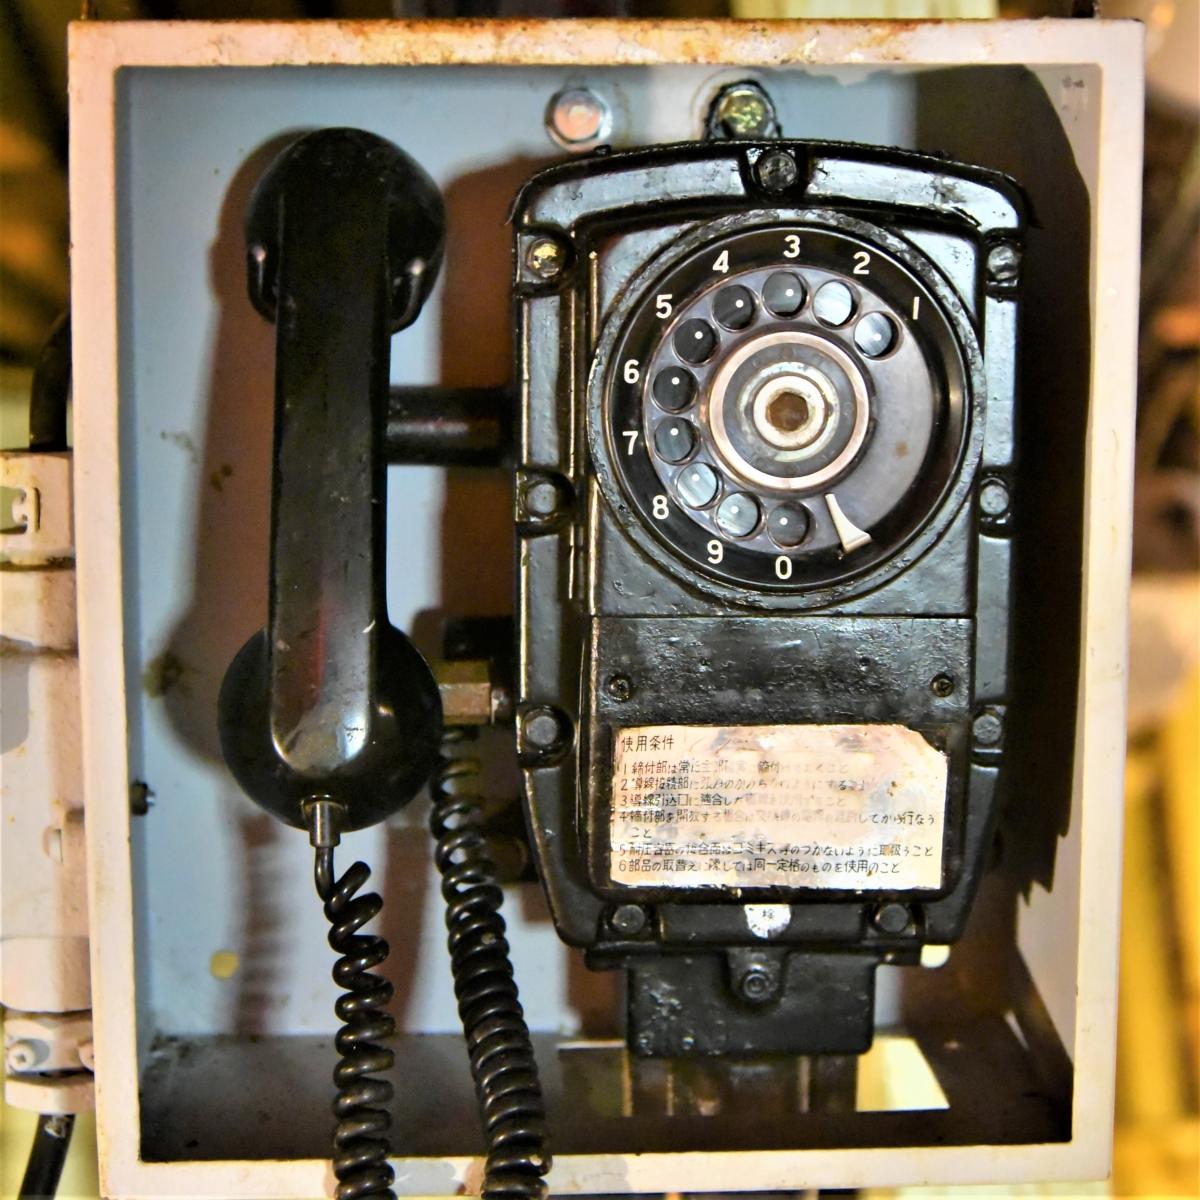 夕張炭鉱の電話設備